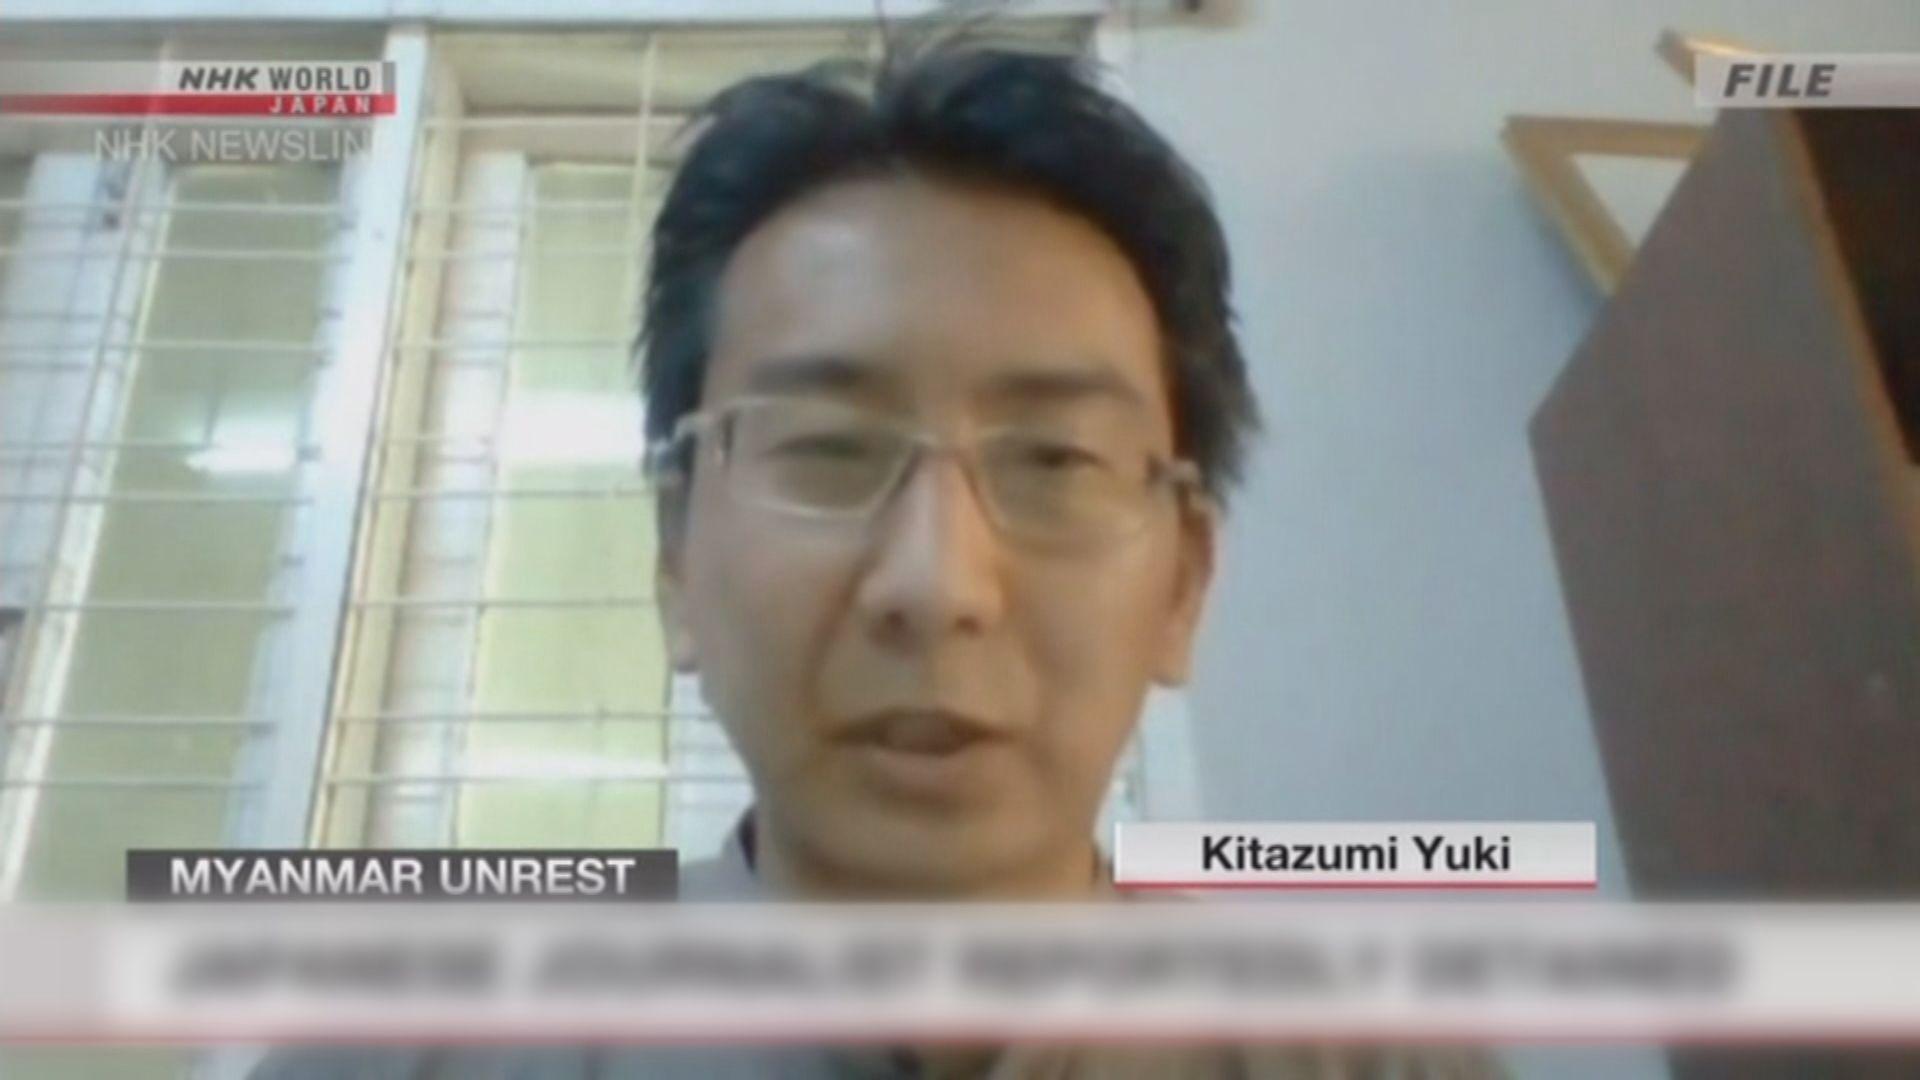 日本要求緬甸釋放被軍方帶走日籍記者